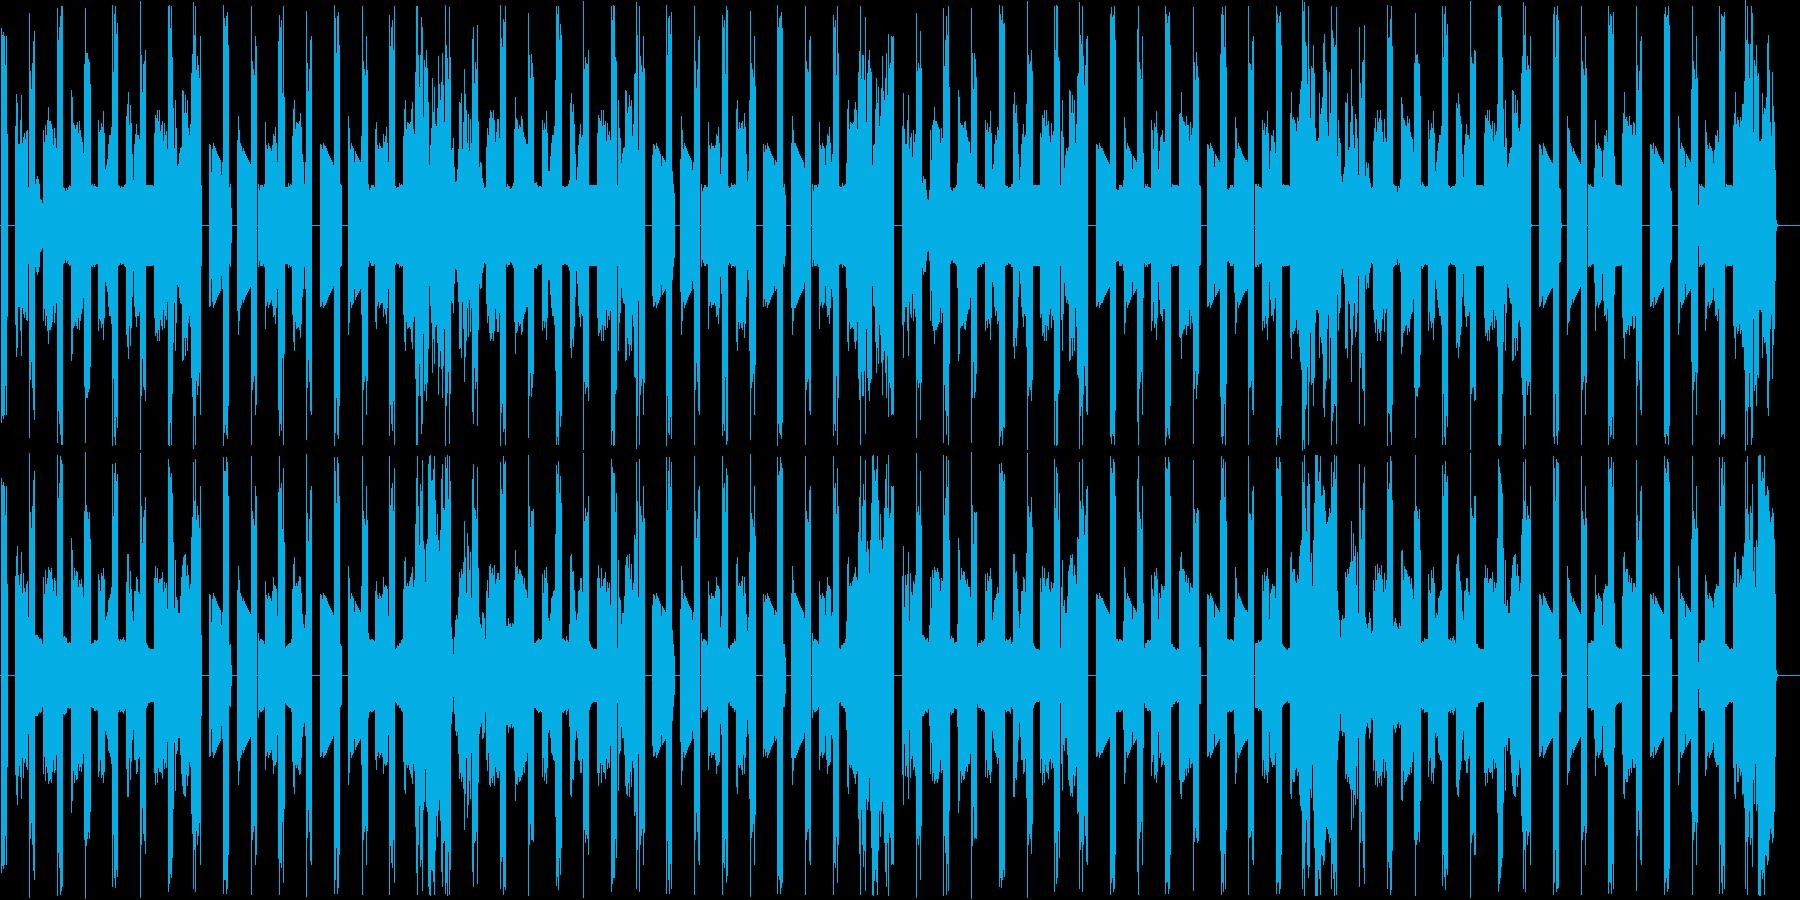 ベースとパーカッションだけの曲ですの再生済みの波形